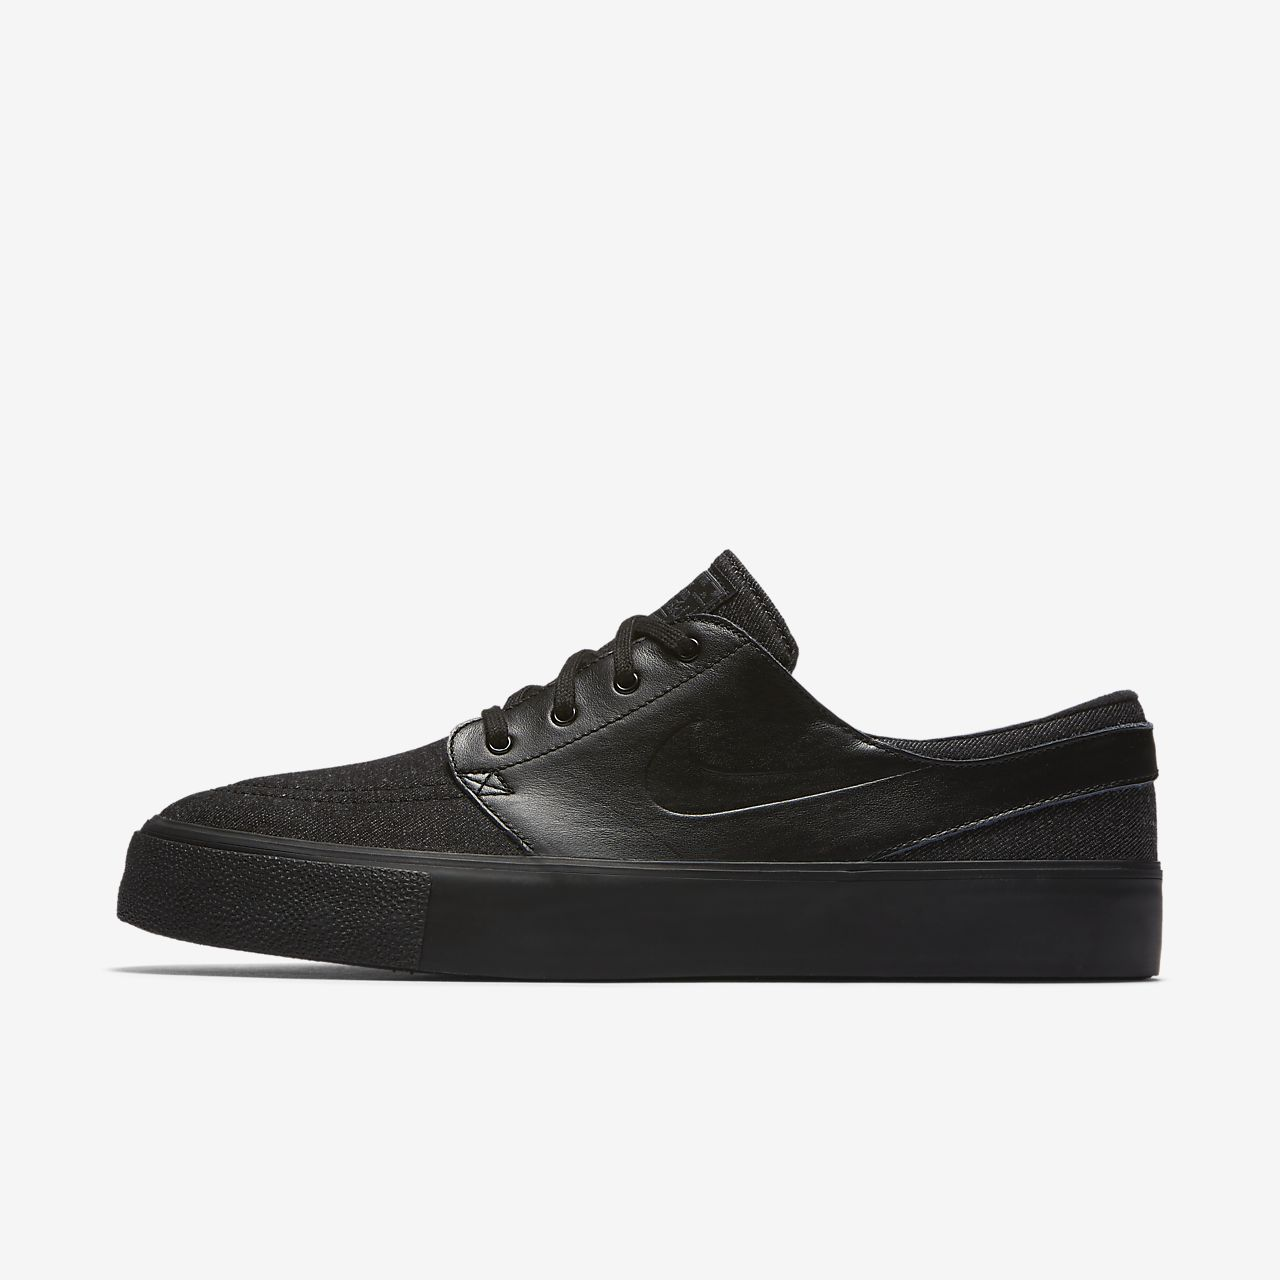 nike sb zoom stefan janoski elite shoes